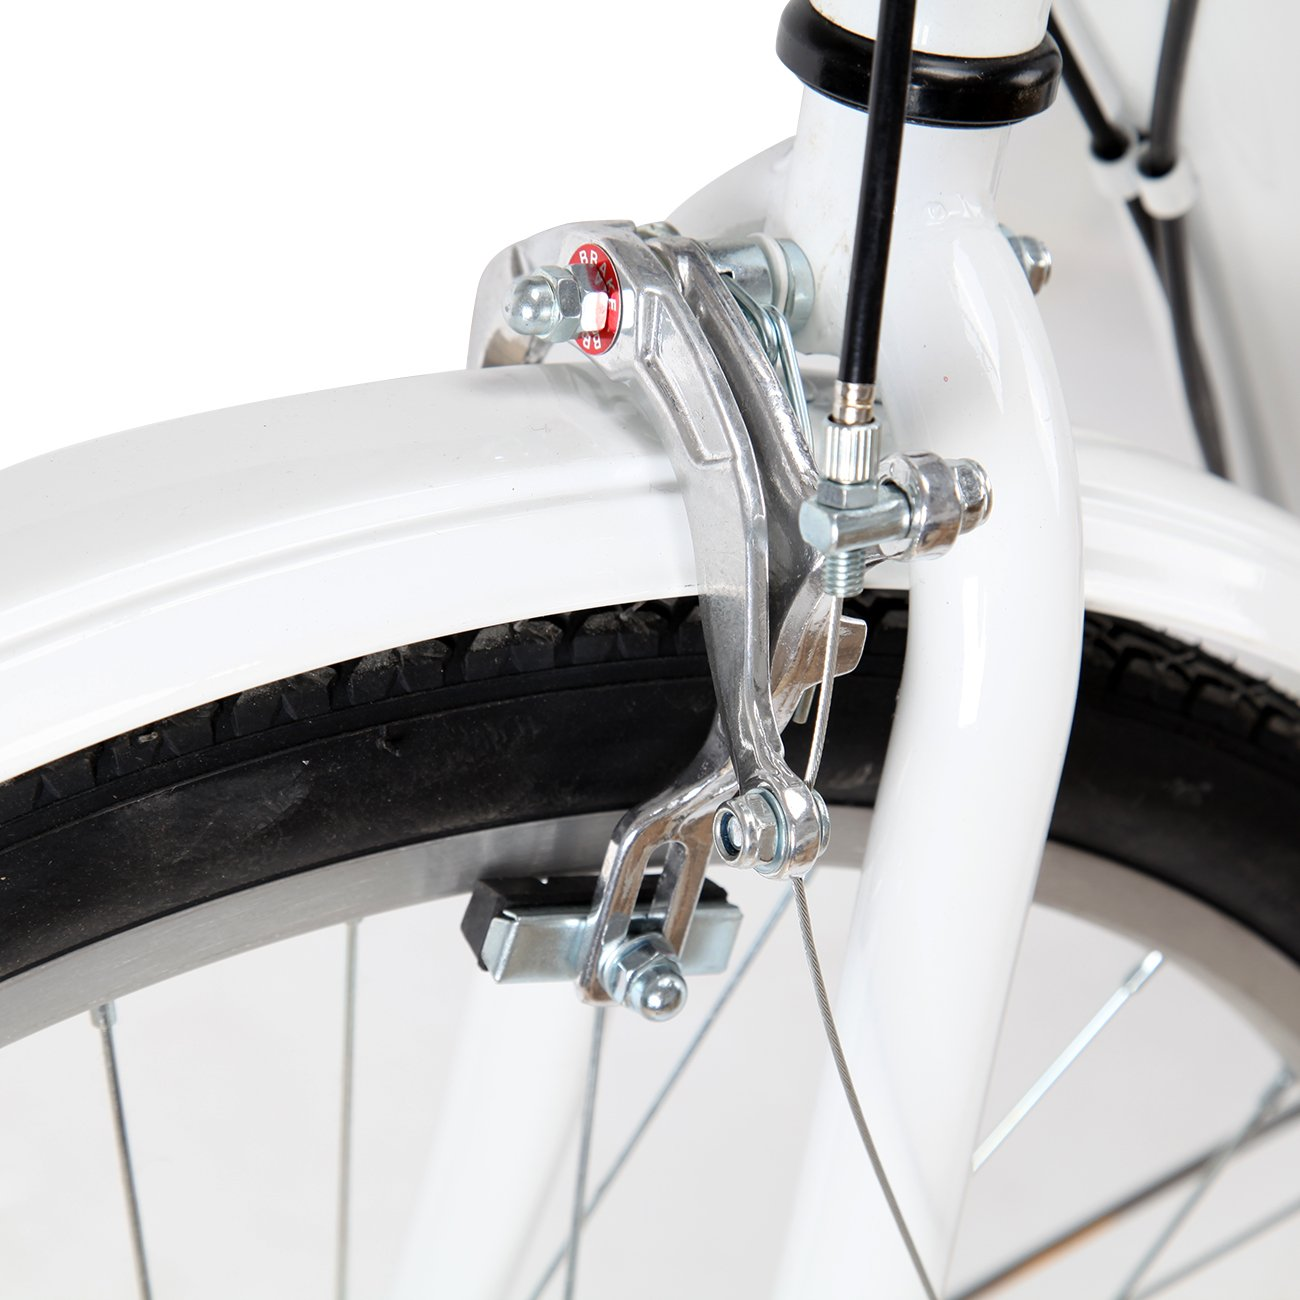 iglobalbuy blanco (6 velocidades, adultos triciclo trike 3-Wheel bicicleta crucero bicicleta con cesta: Amazon.es: Deportes y aire libre